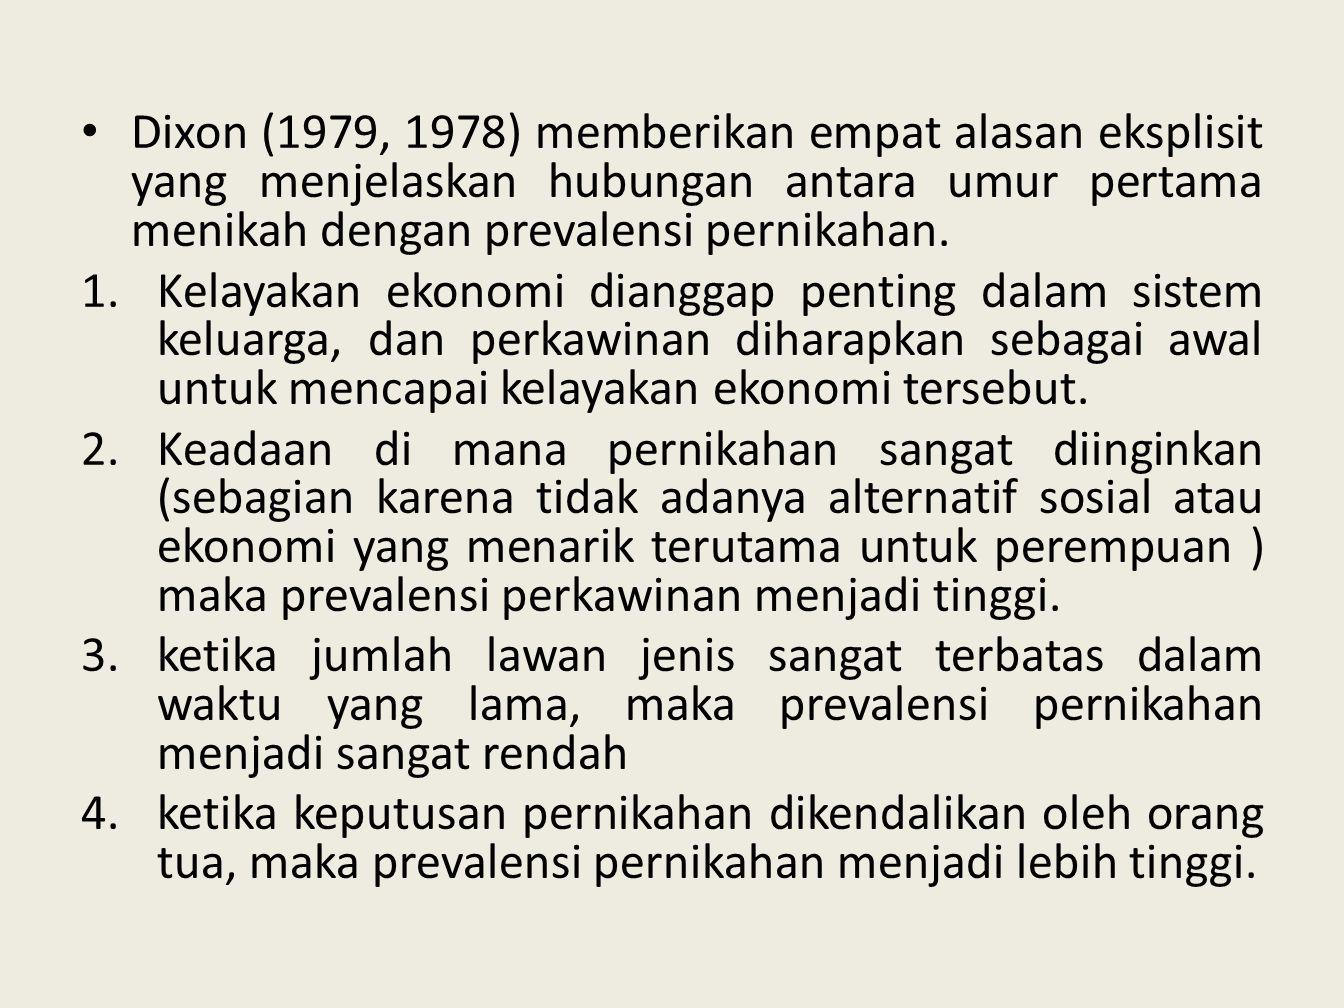 Dixon (1979, 1978) memberikan empat alasan eksplisit yang menjelaskan hubungan antara umur pertama menikah dengan prevalensi pernikahan.